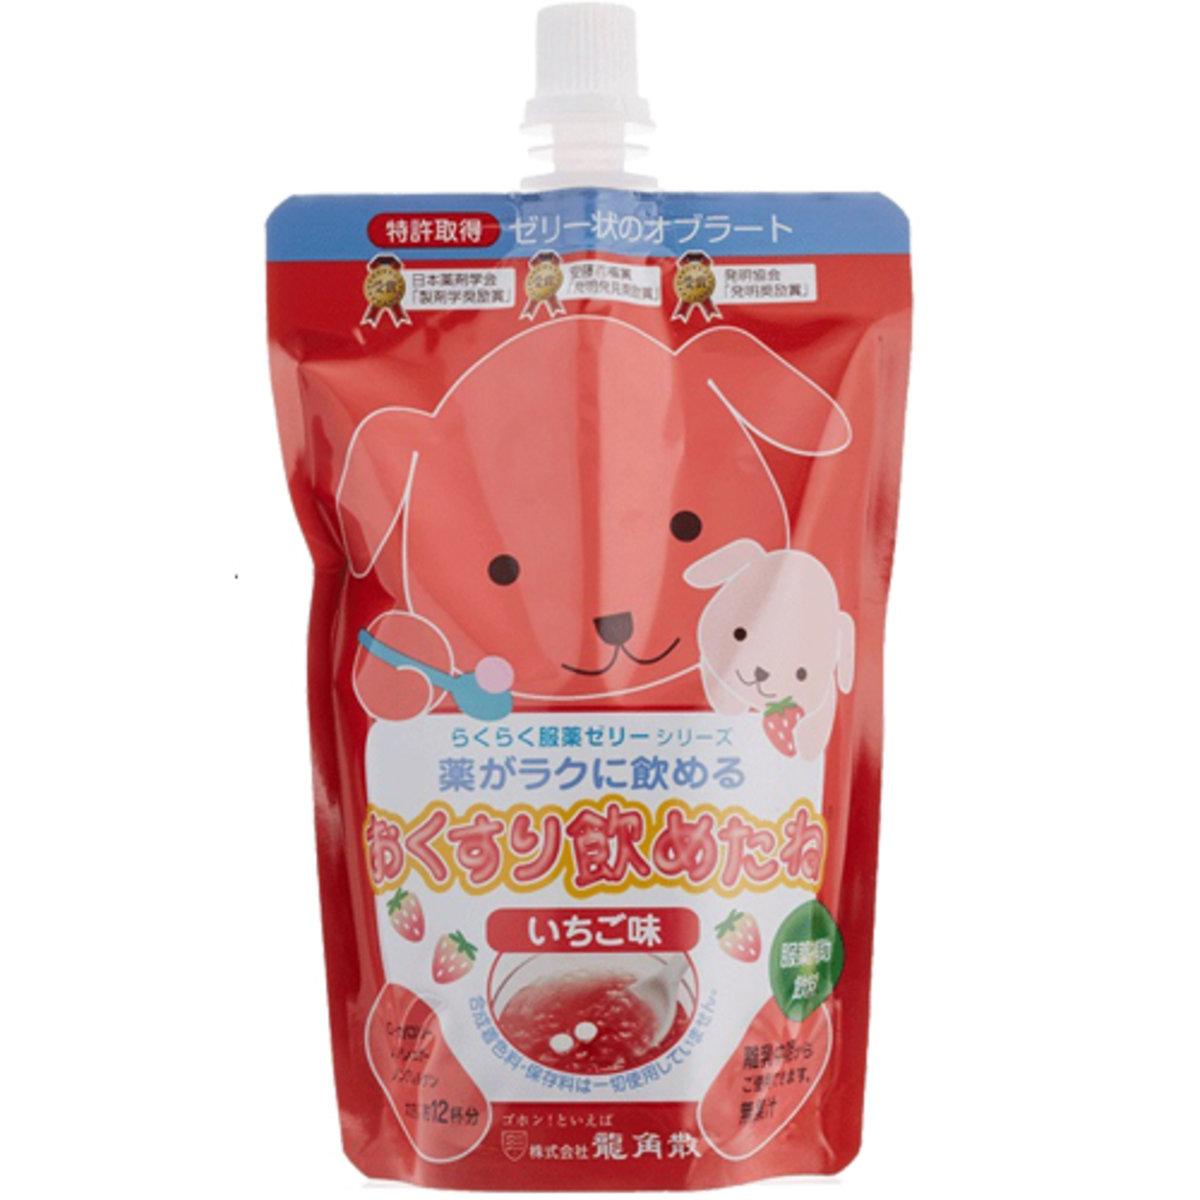 兒童服藥啫喱 200g 草莓味